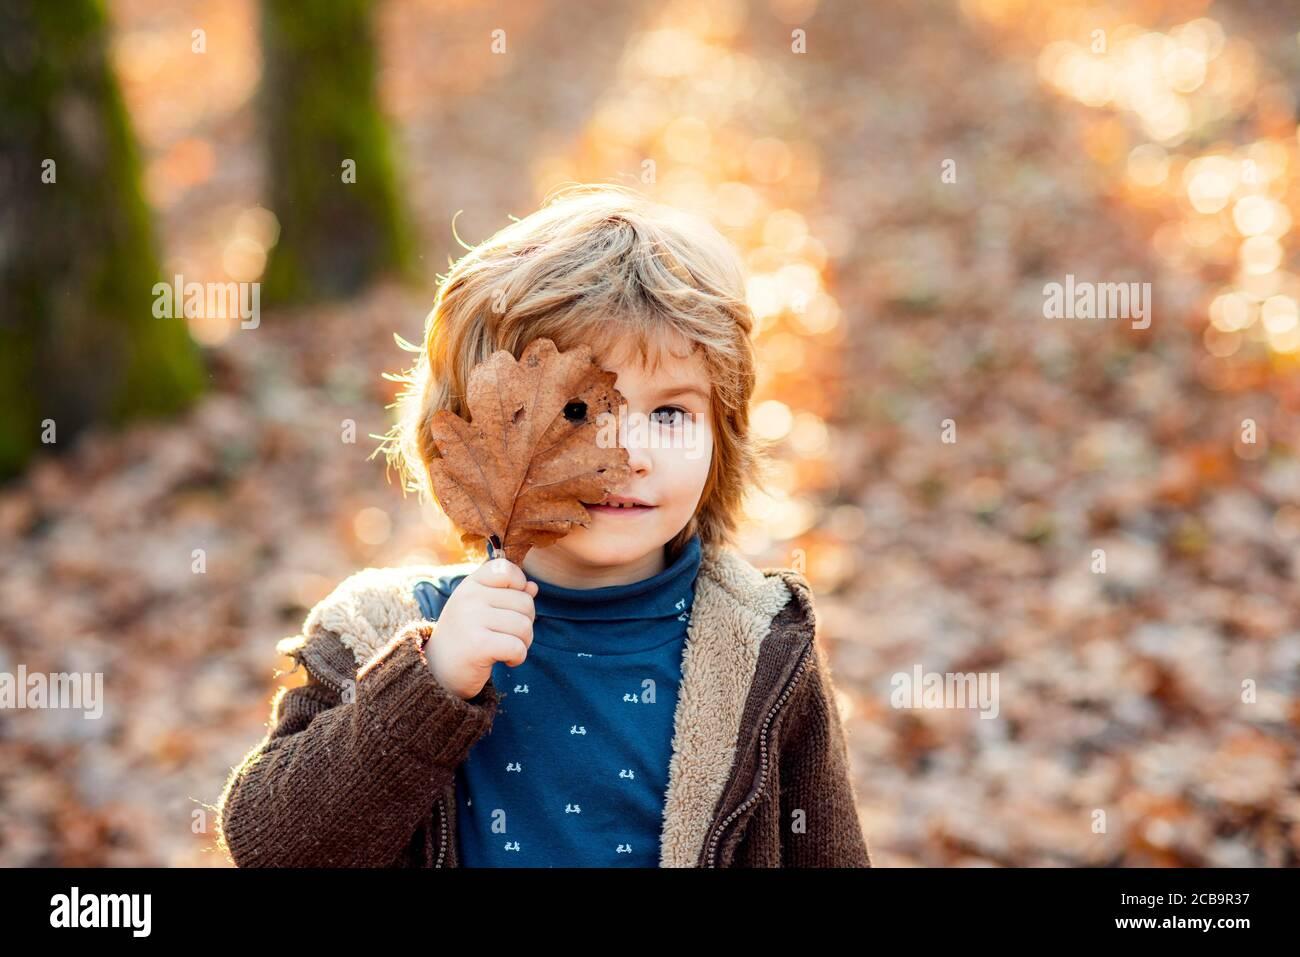 Bambino ragazzo copre gli occhi con una foglia d'acero gialla. Piccolo ragazzo che gioca con foglie autunnali nel parco. Foto Stock